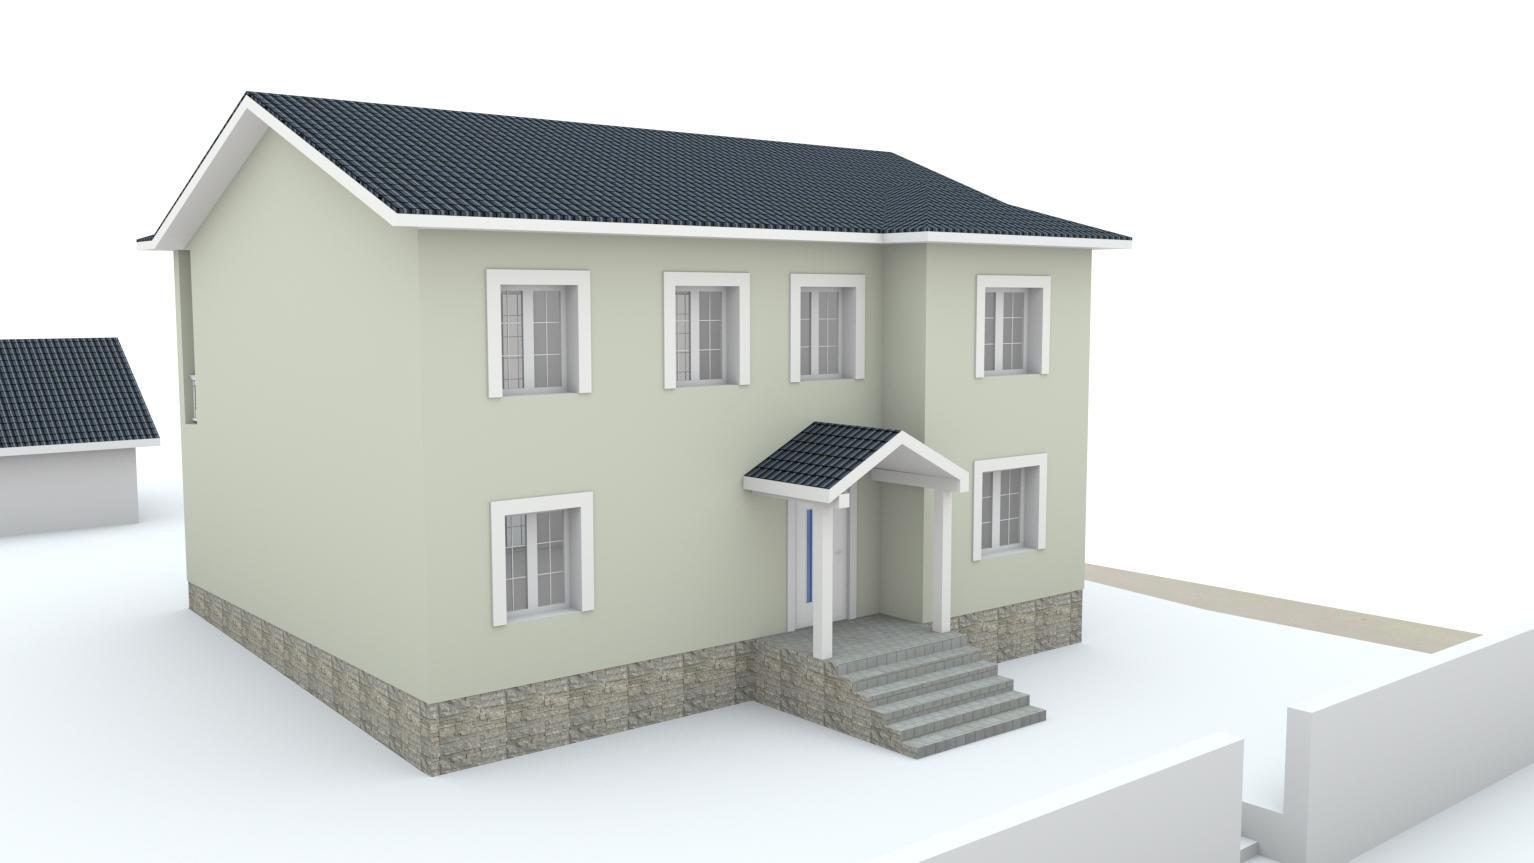 Návrh fasády rodinného domu Bratislava - Obrázok č. 5